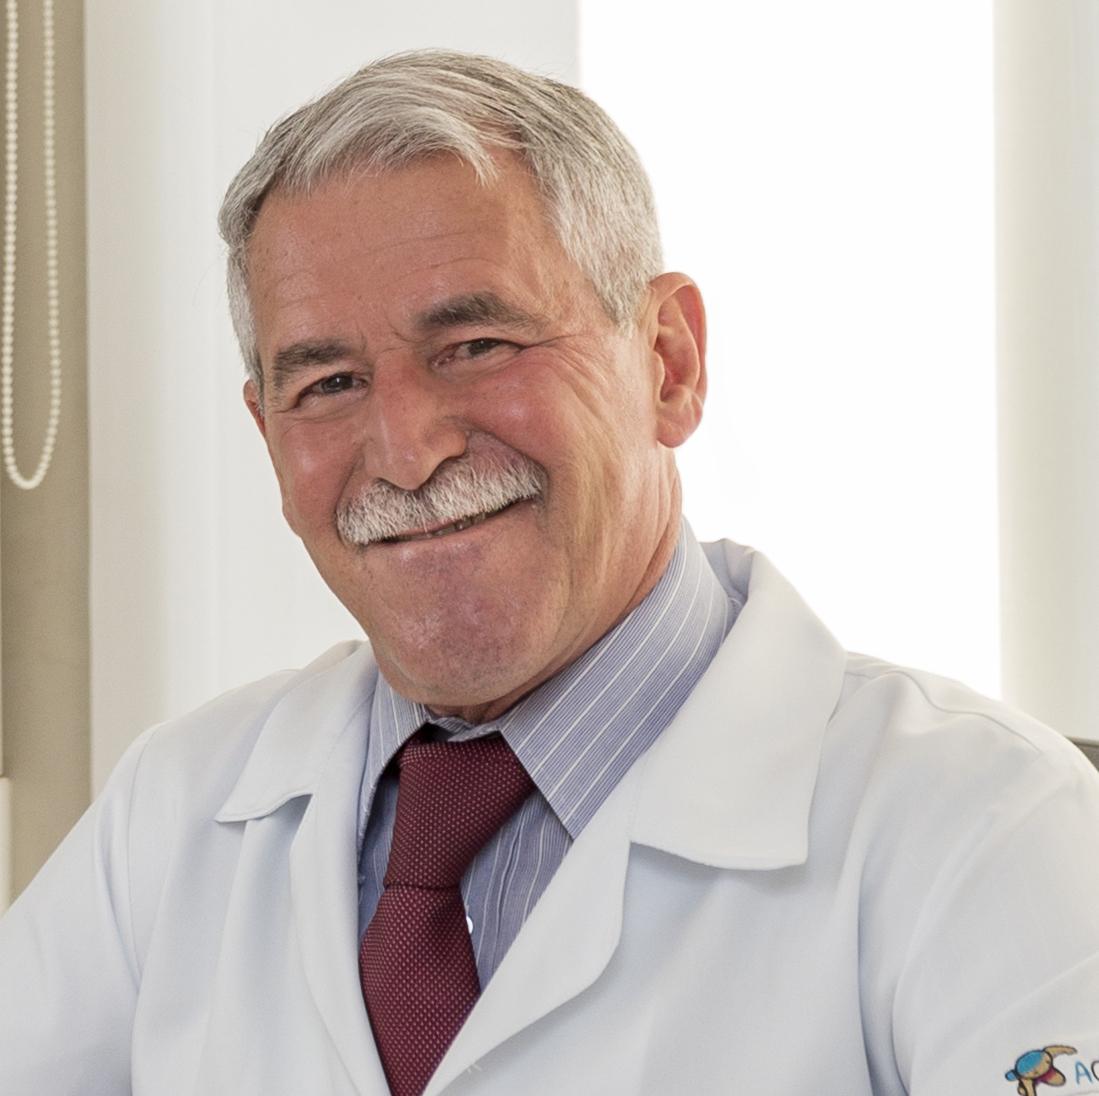 Antonio Carlos Onofre